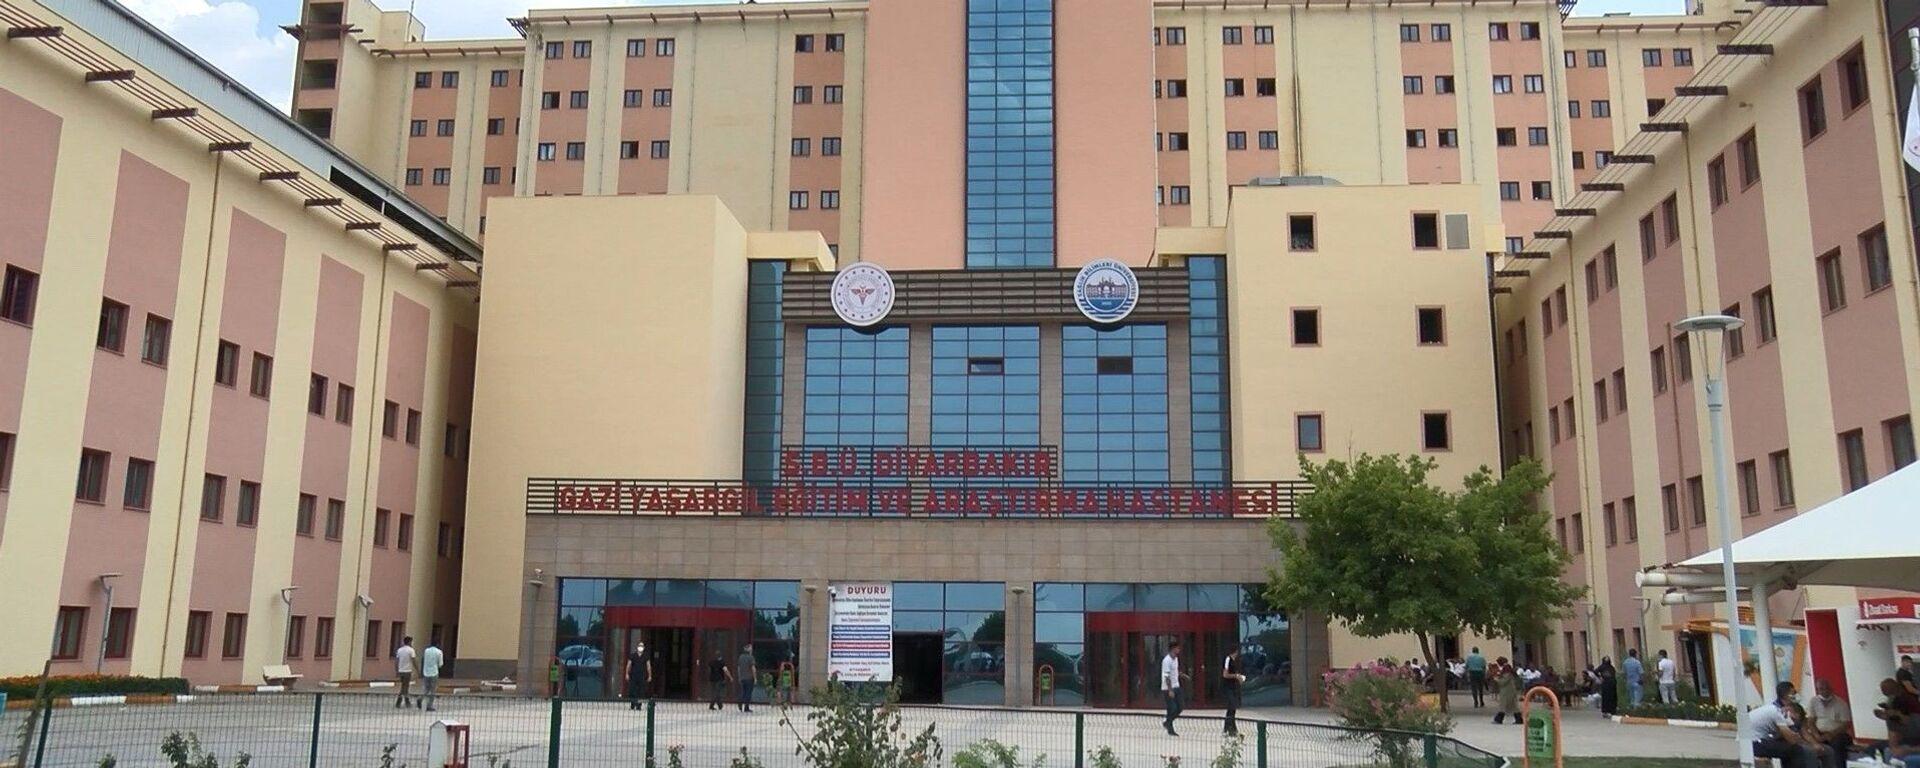 Diyarbakır Gazi Yaşargil Eğitim ve Araştırma Hastanesi - Sputnik Türkiye, 1920, 09.08.2021